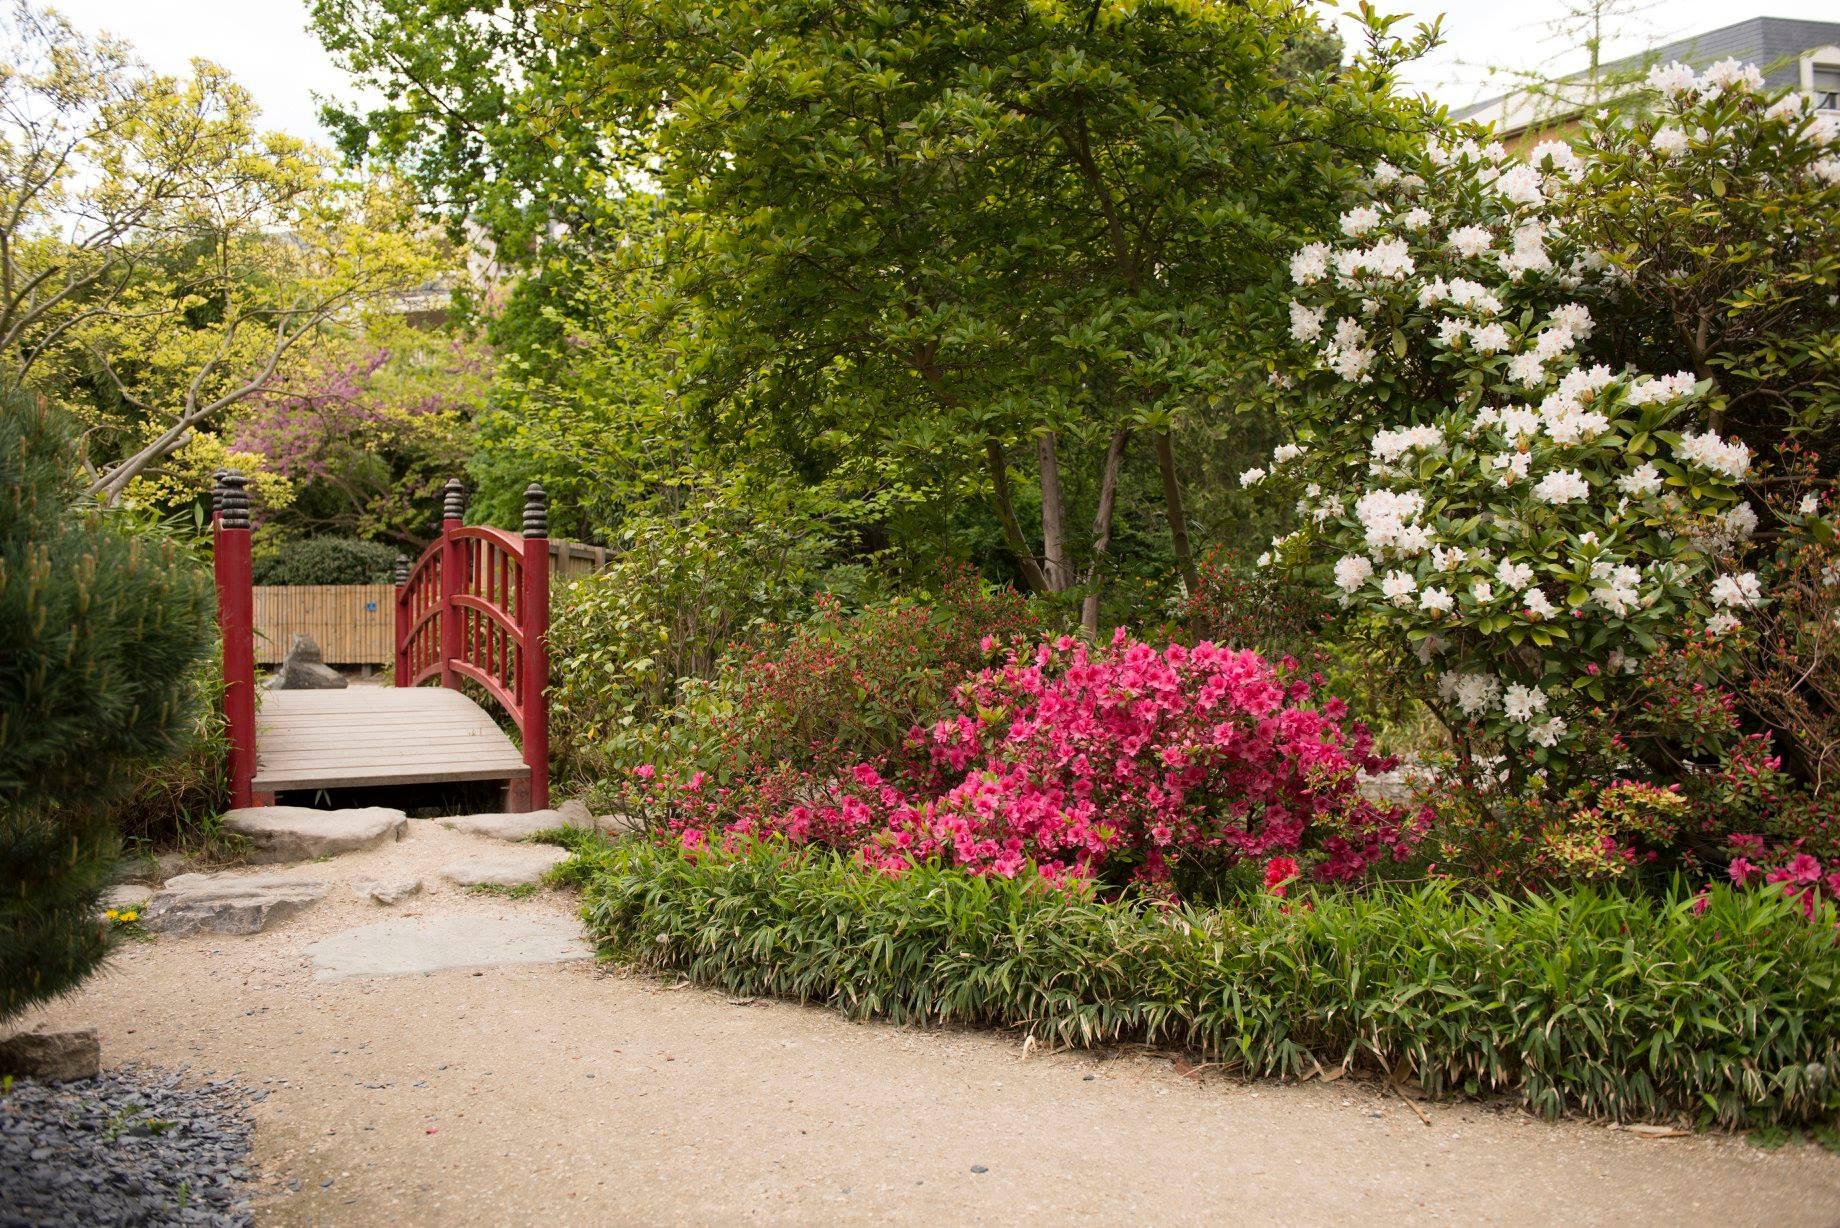 Le parc de l amiti ville de rueil malmaison - Office tourisme rueil malmaison ...